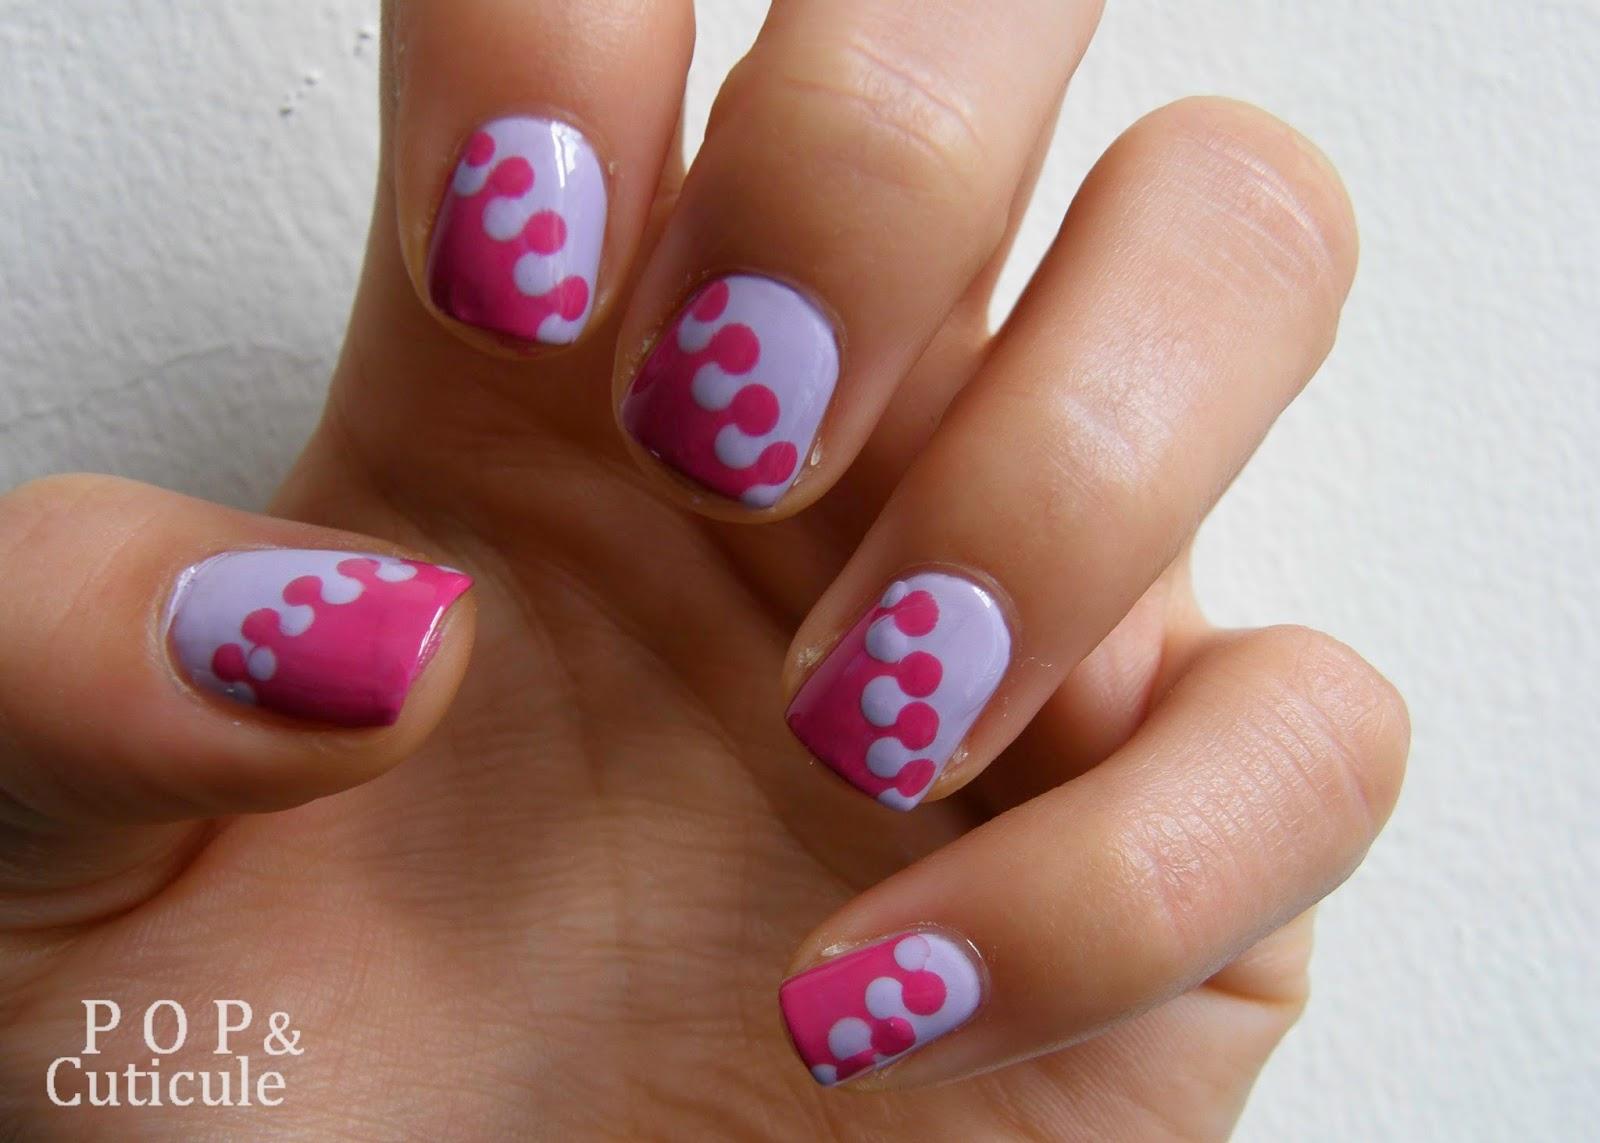 Pop & Cuticule nail art manucure puzzle